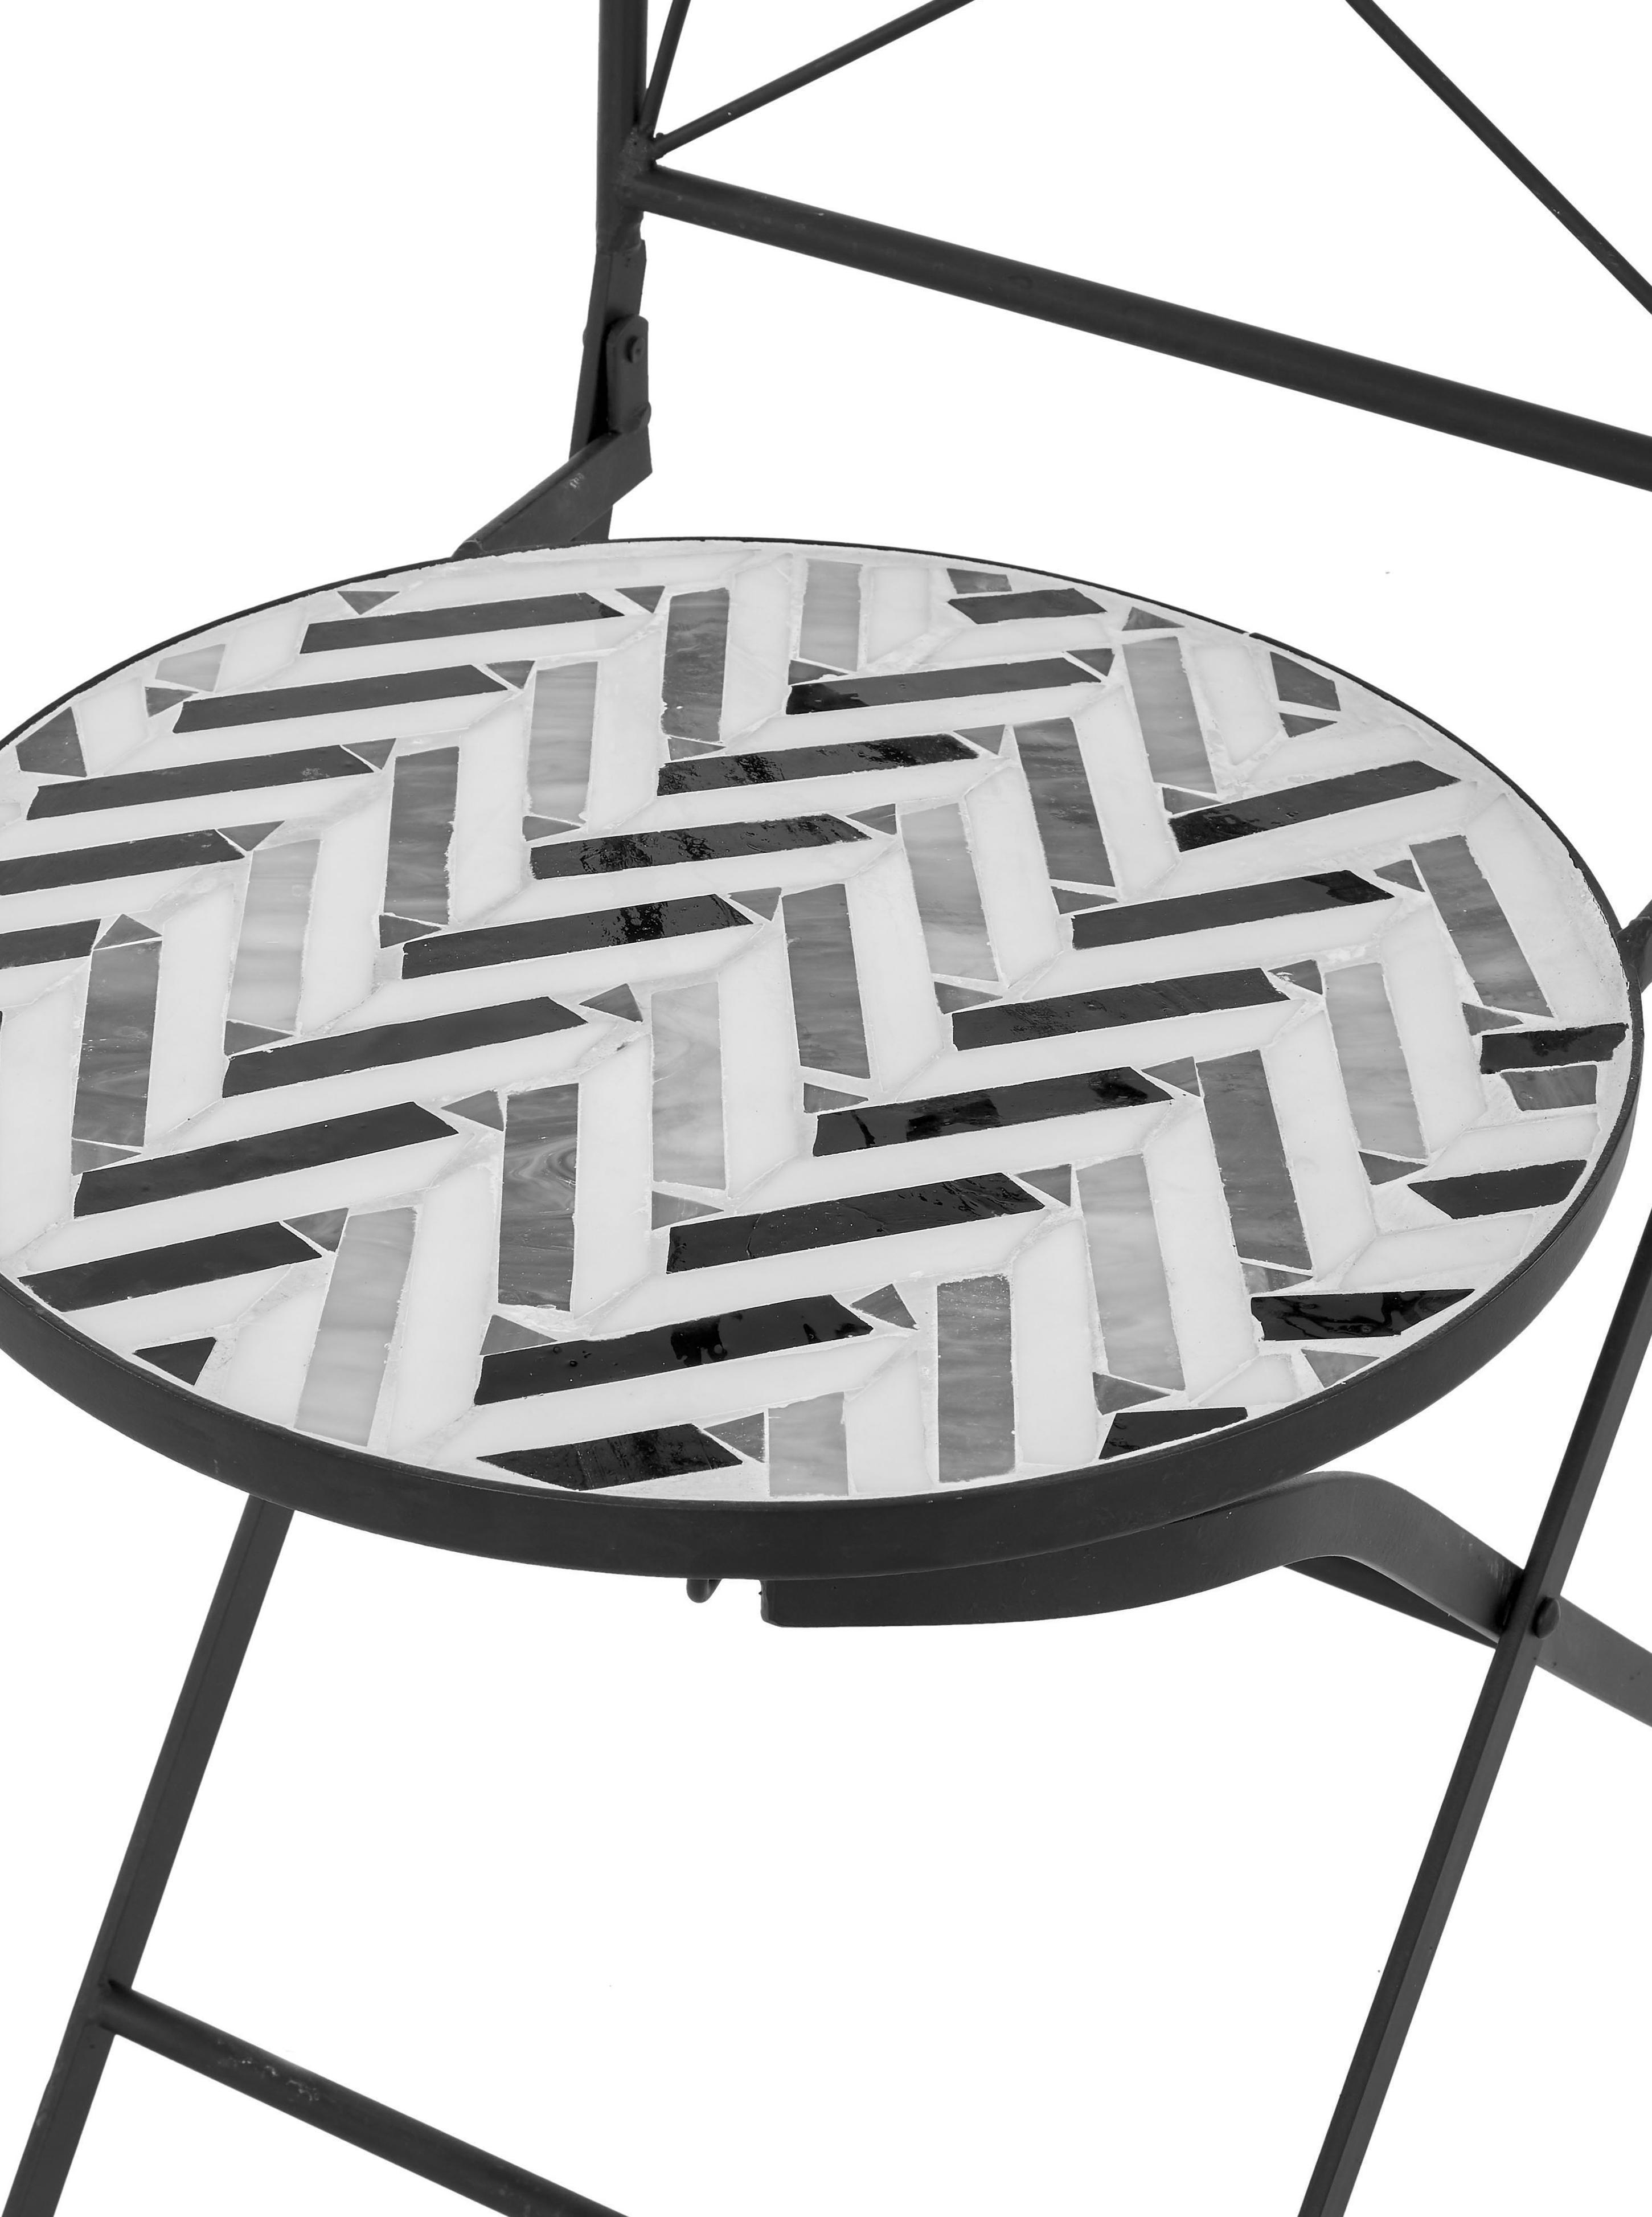 Krzesło balkonowe z mozaiką Verano, 2 szt., Stelaż: metal malowany proszkowo, Szary, biały, czarny, S 40 x G 52 cm